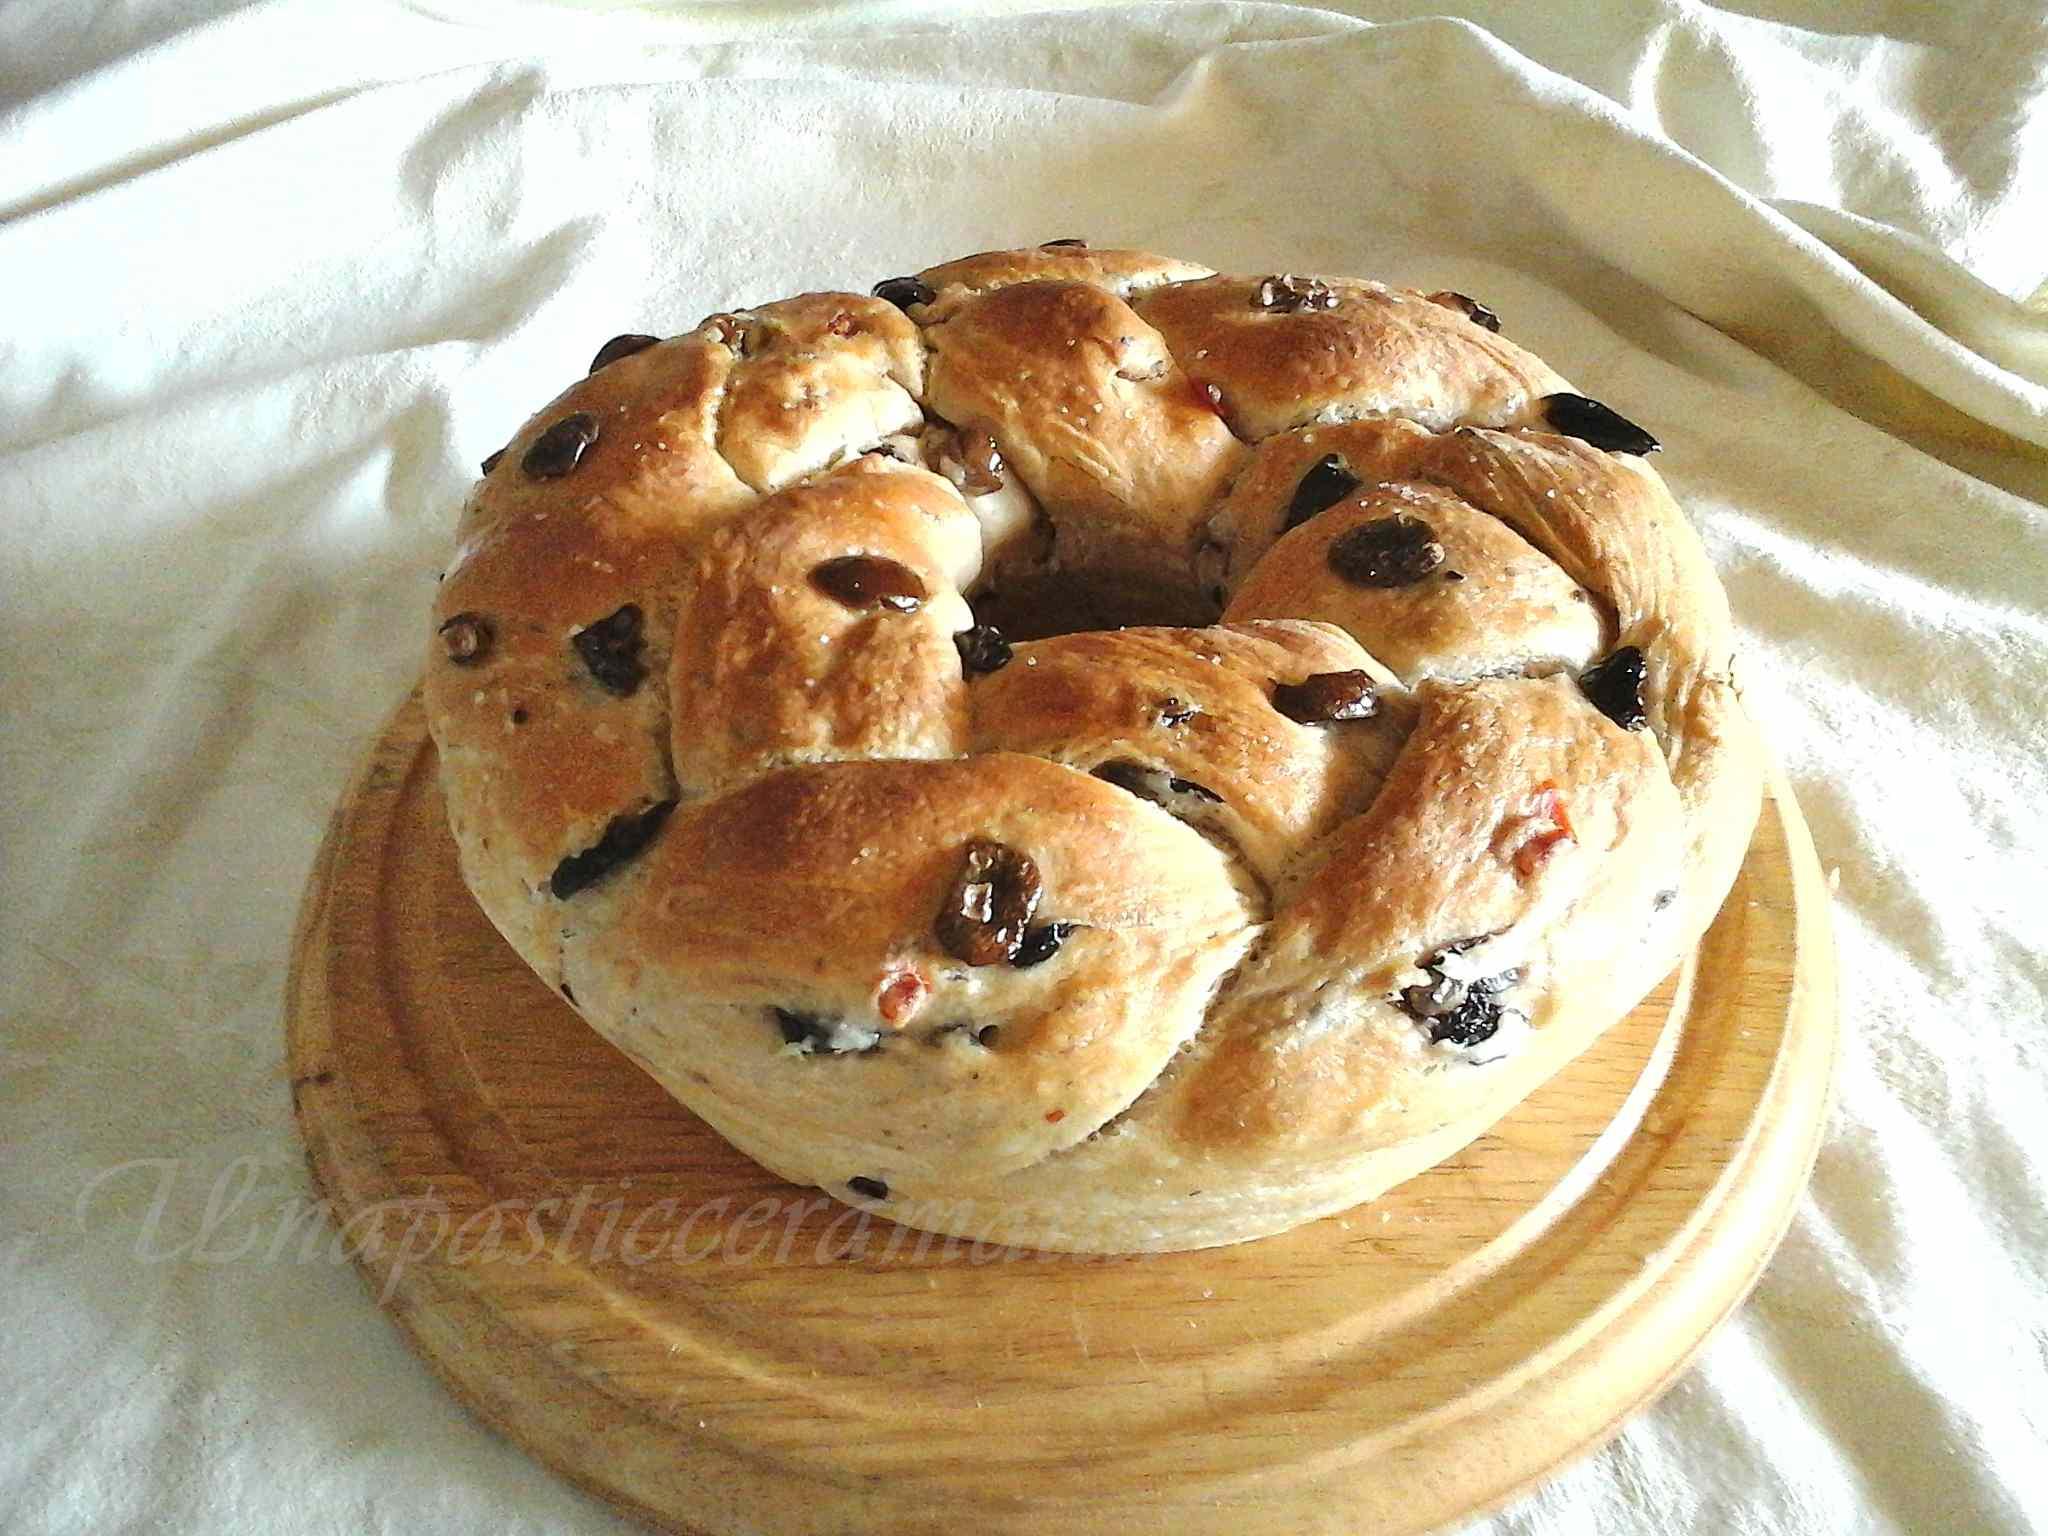 Ricetta: Treccia di pane con olive, pepe e lievito madre